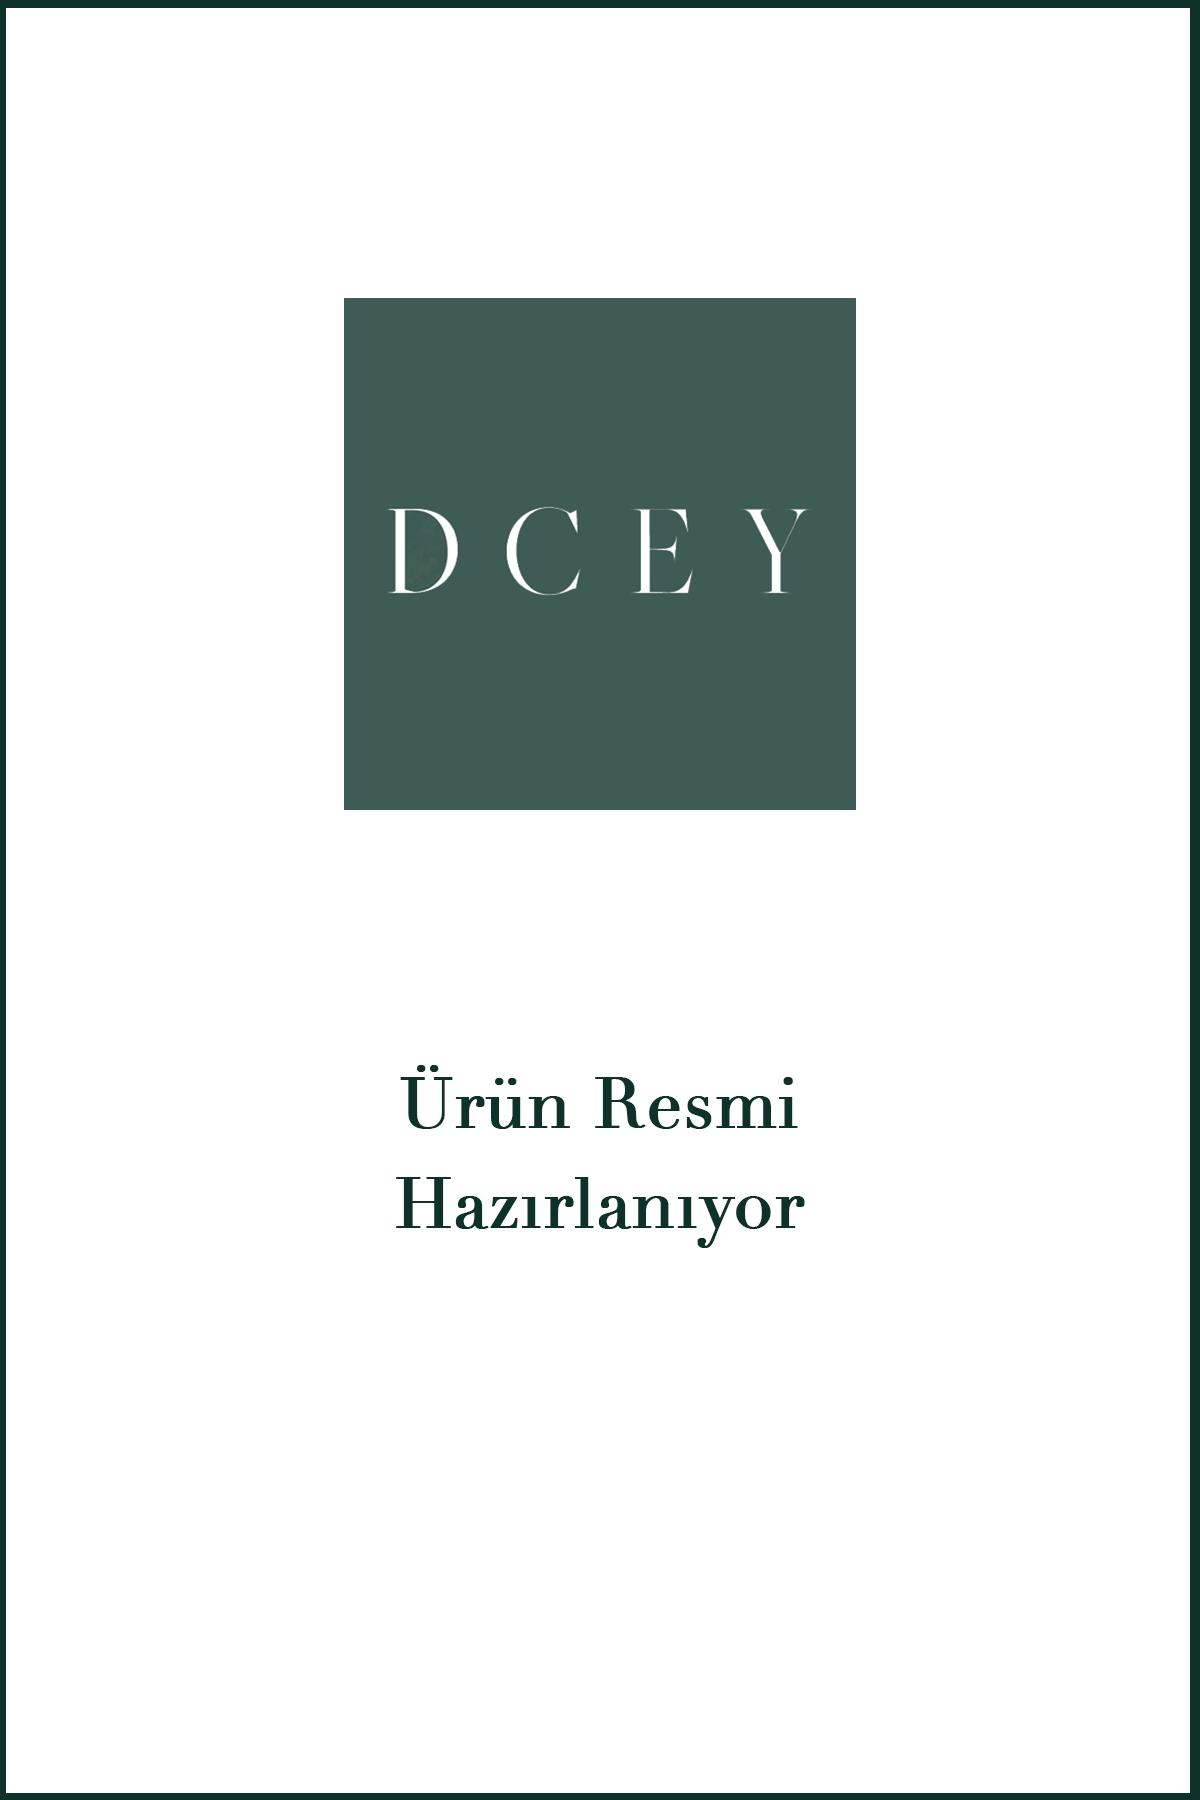 Ganni Yeşil Çanta